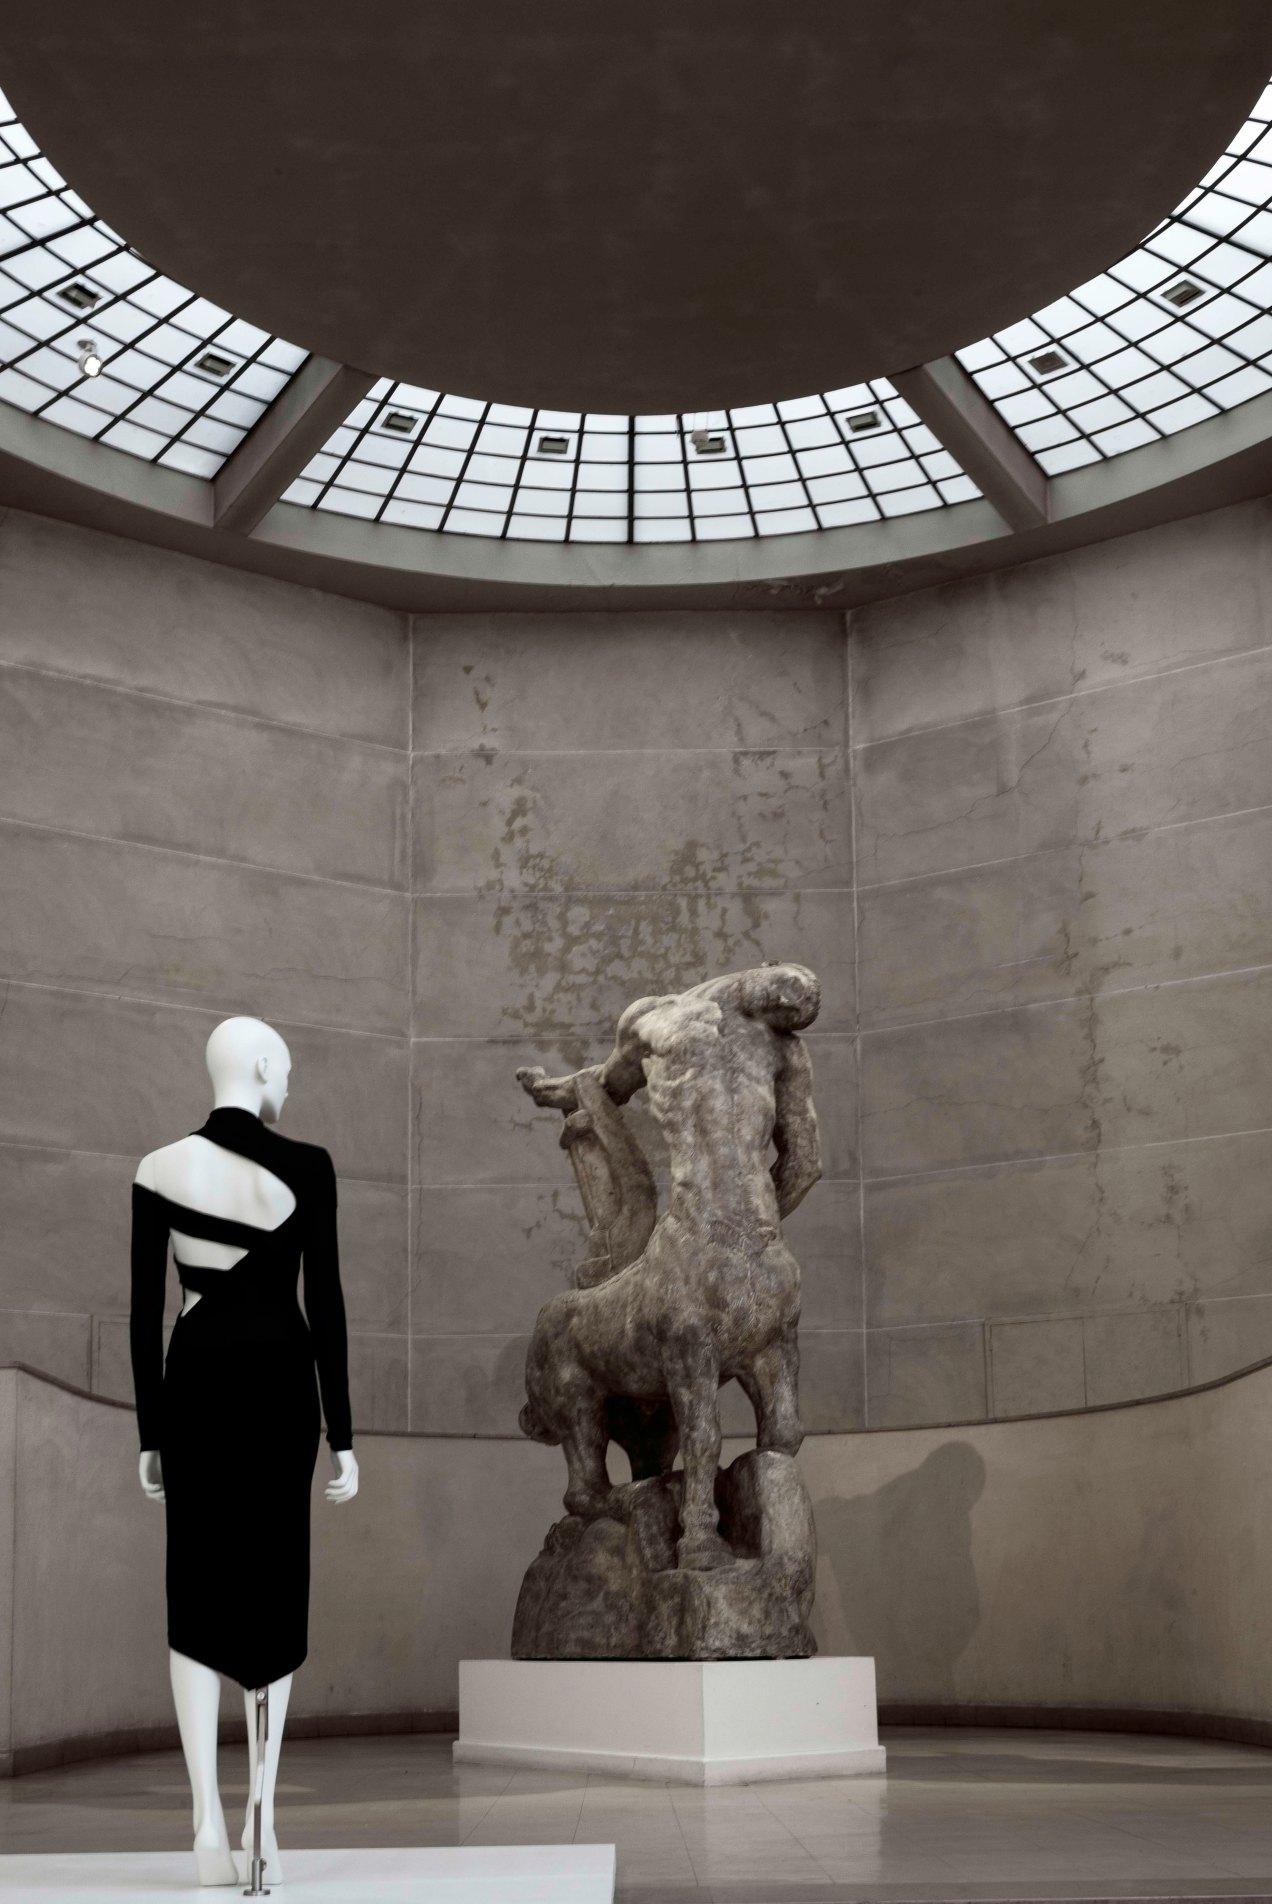 Back side, musée Bourdelle, Paris, Martine Sitbon, Prêt-à-porter, automne-hiver 1997-1998, gildalliere, 2019